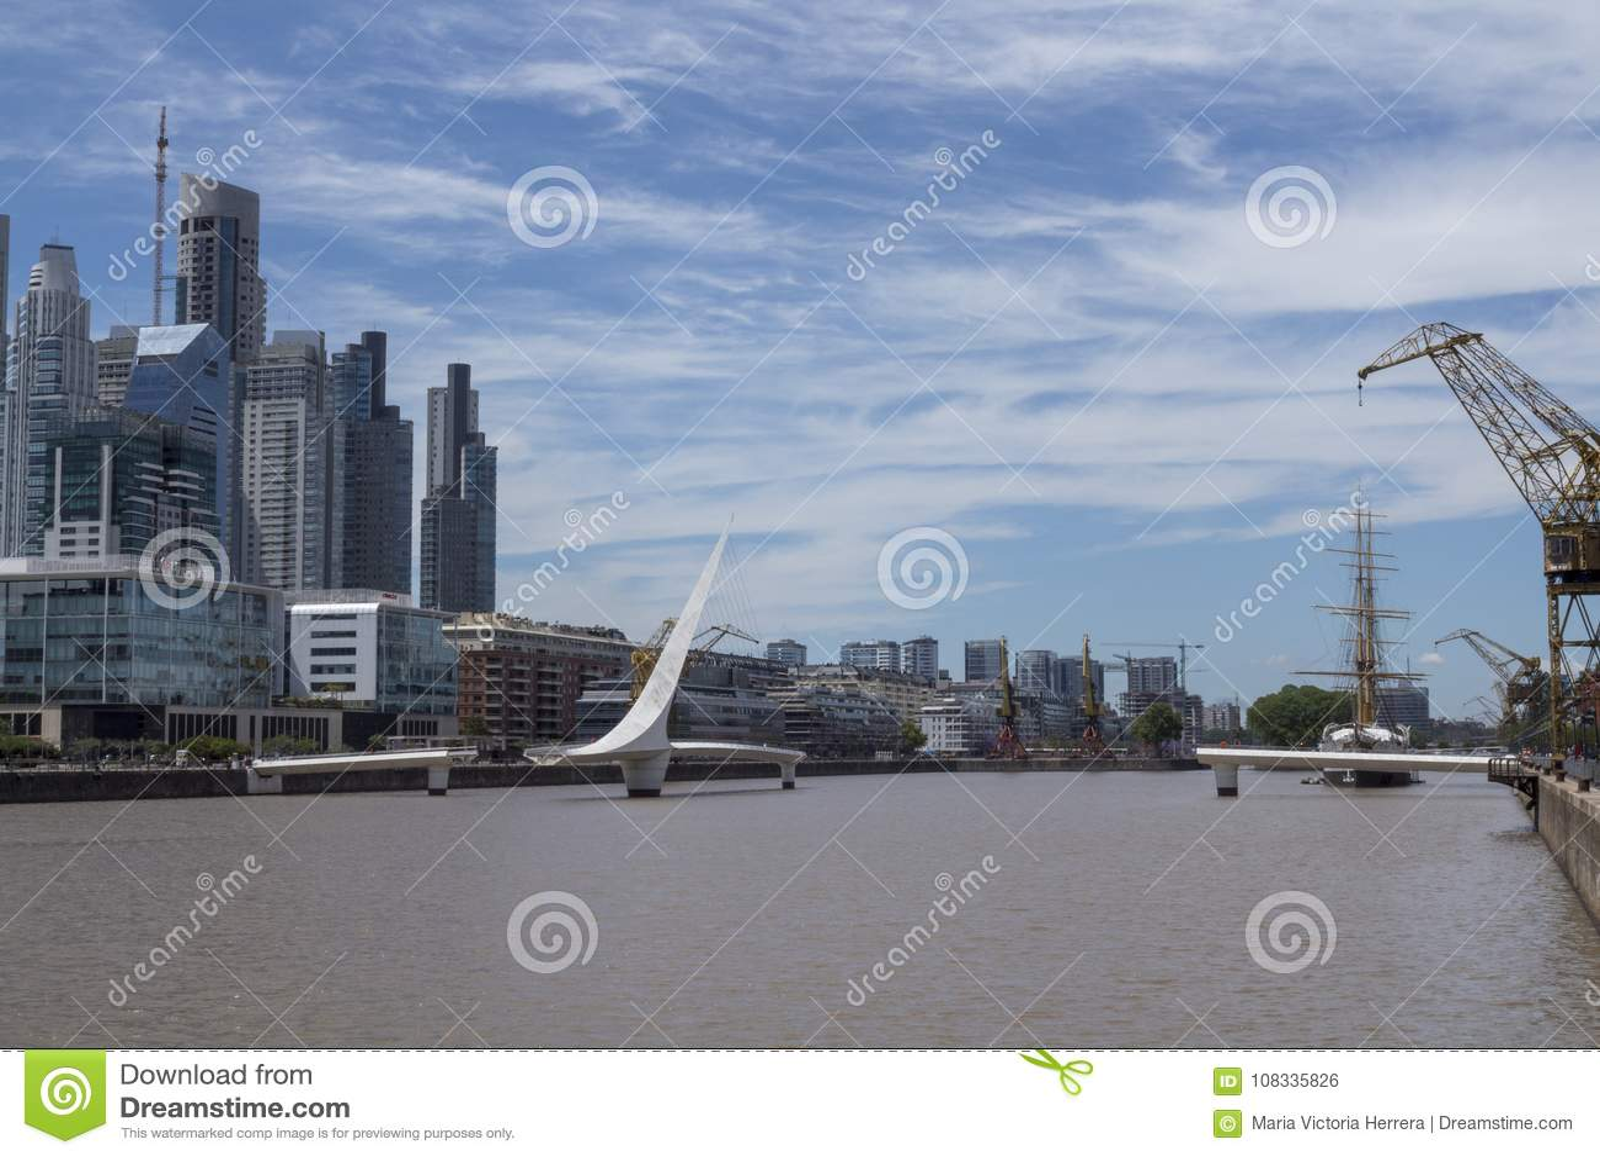 Puerto Madero Buenos Aires Puente de la mujer